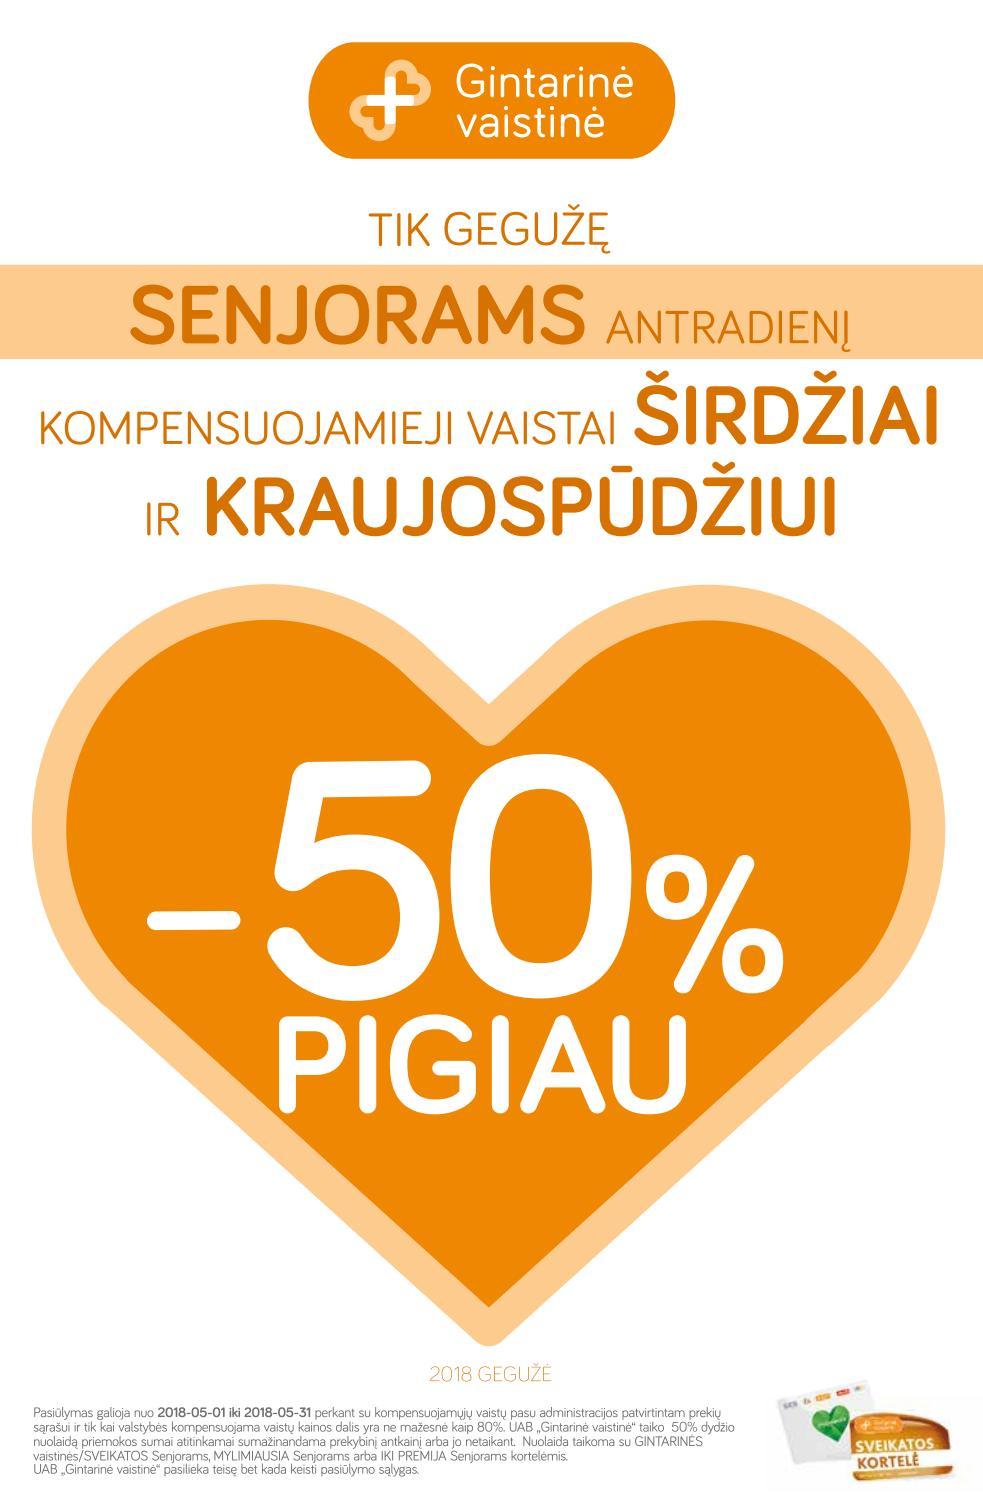 fito statinė ir hipertenzija)